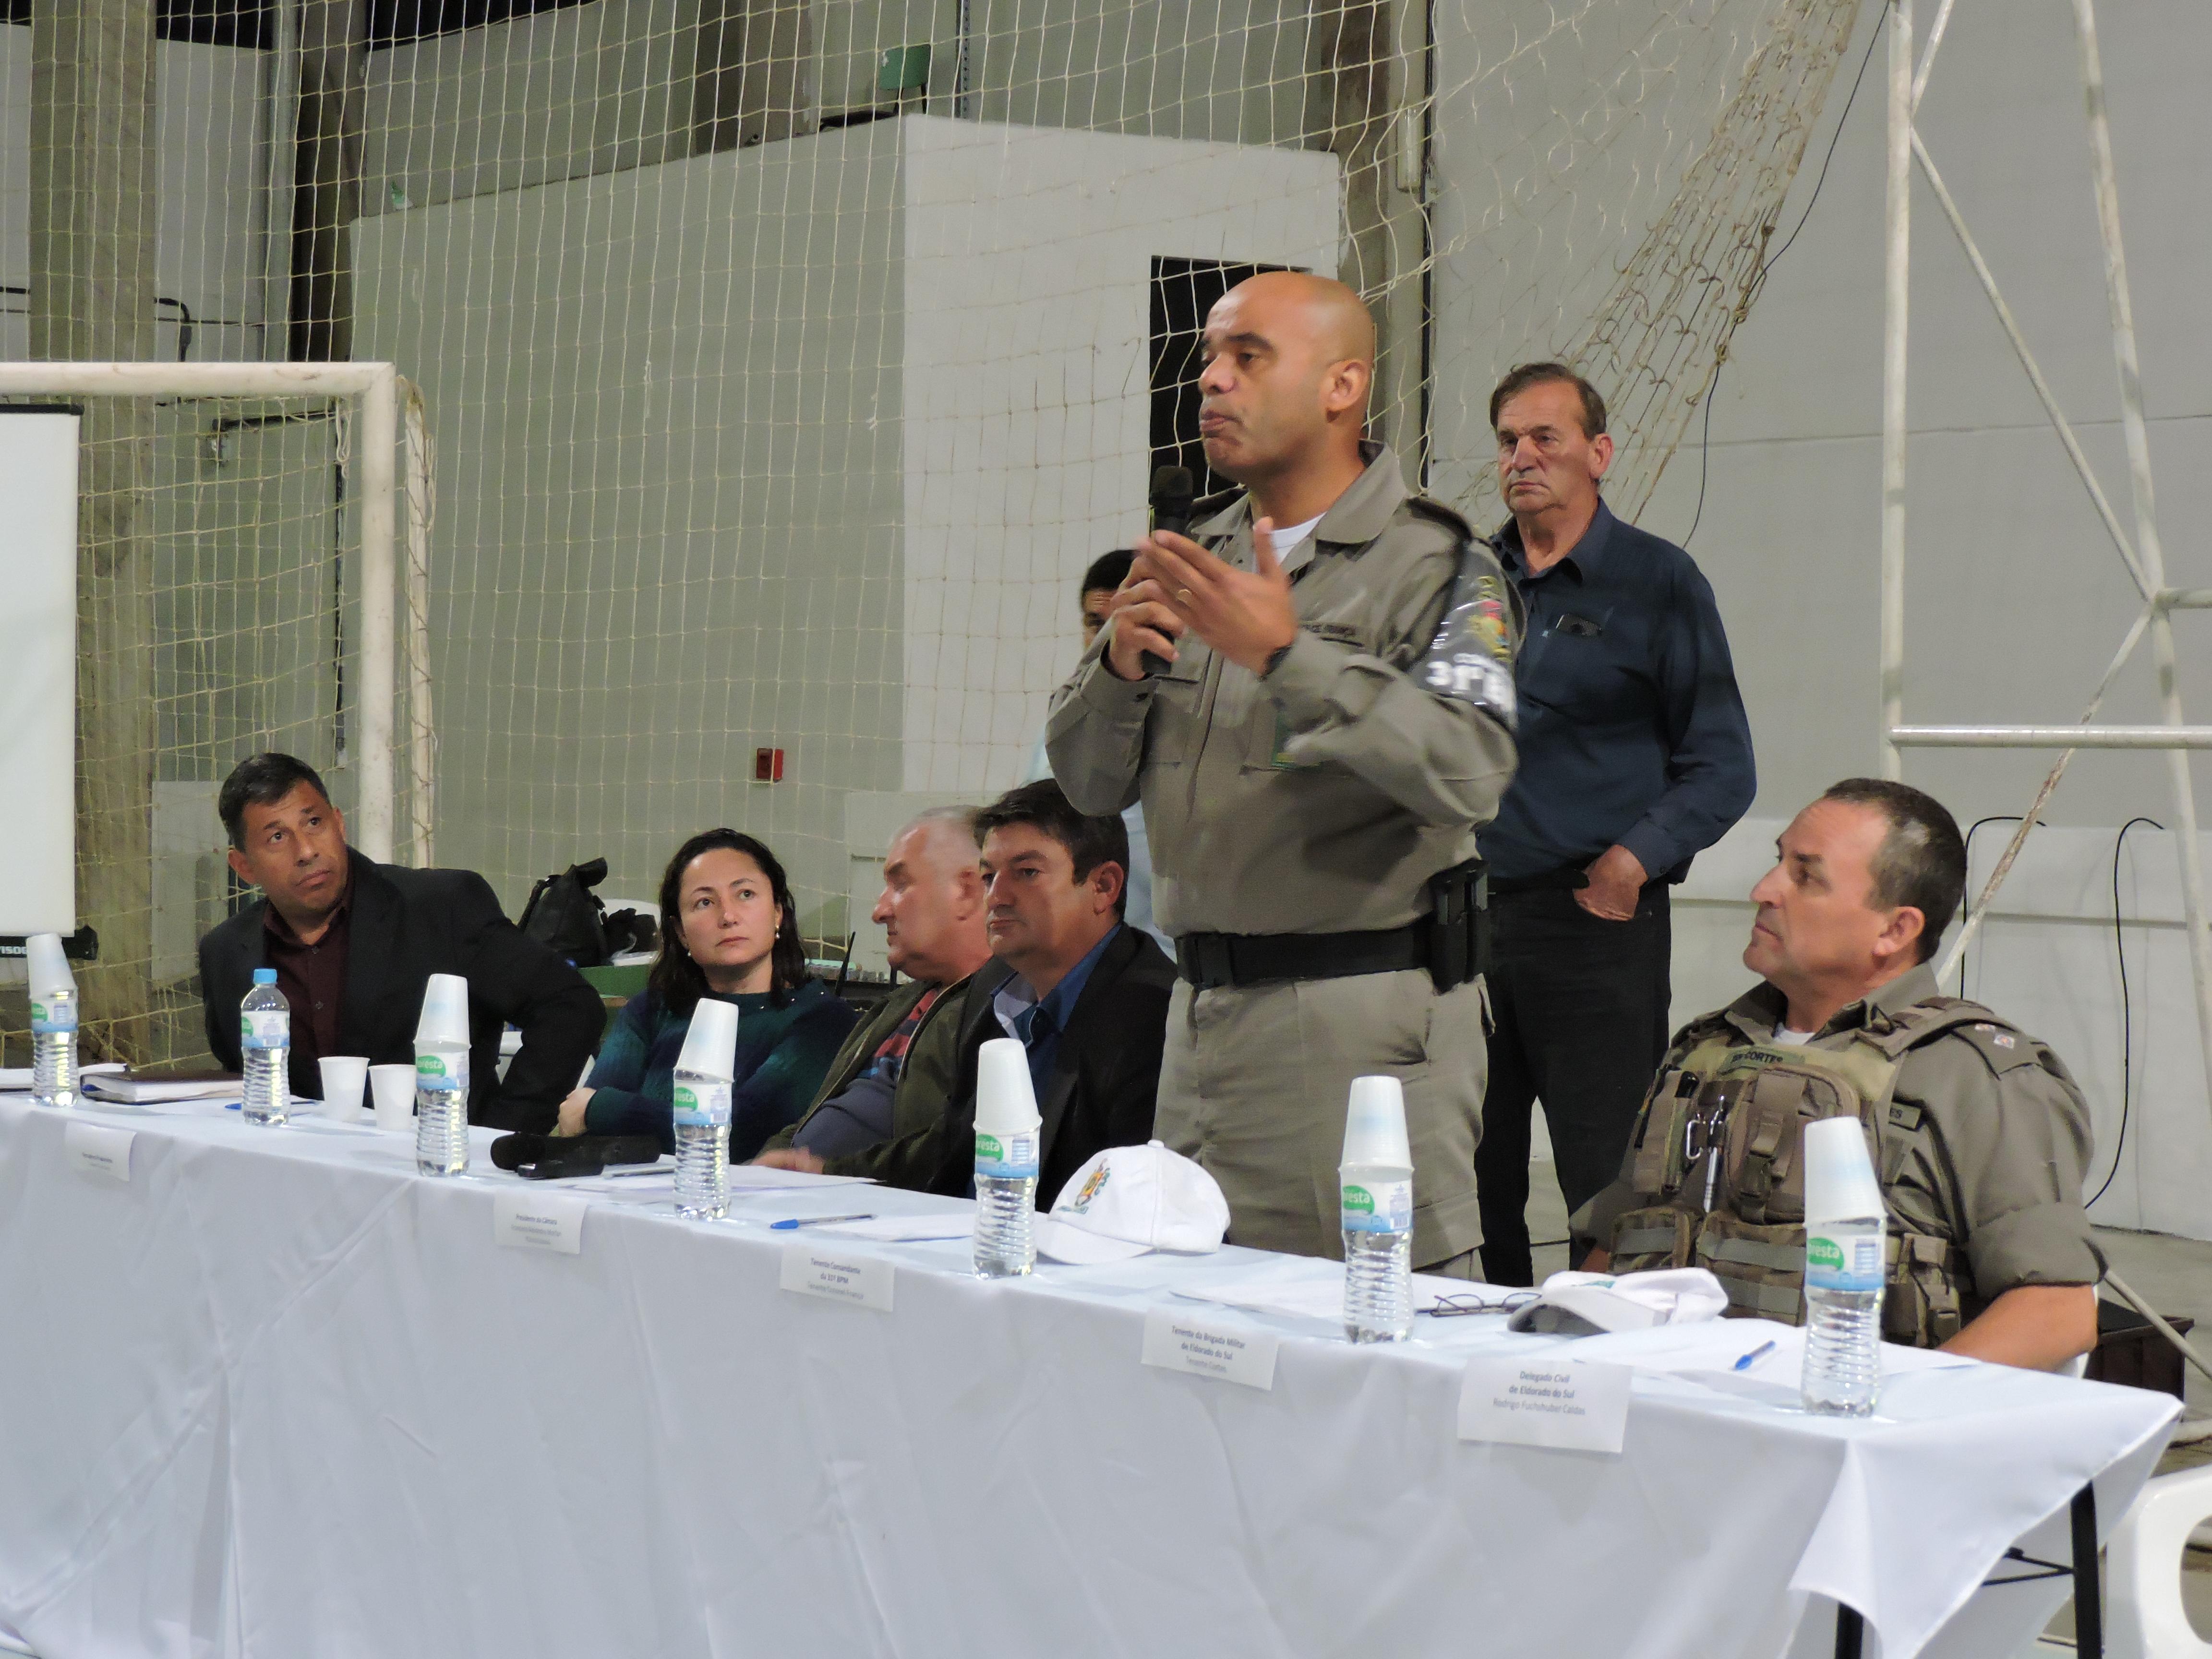 Tenente Coronel França, Tenente Comandante da 31º BPM, esteve representando o Secretário de Segurança do estado